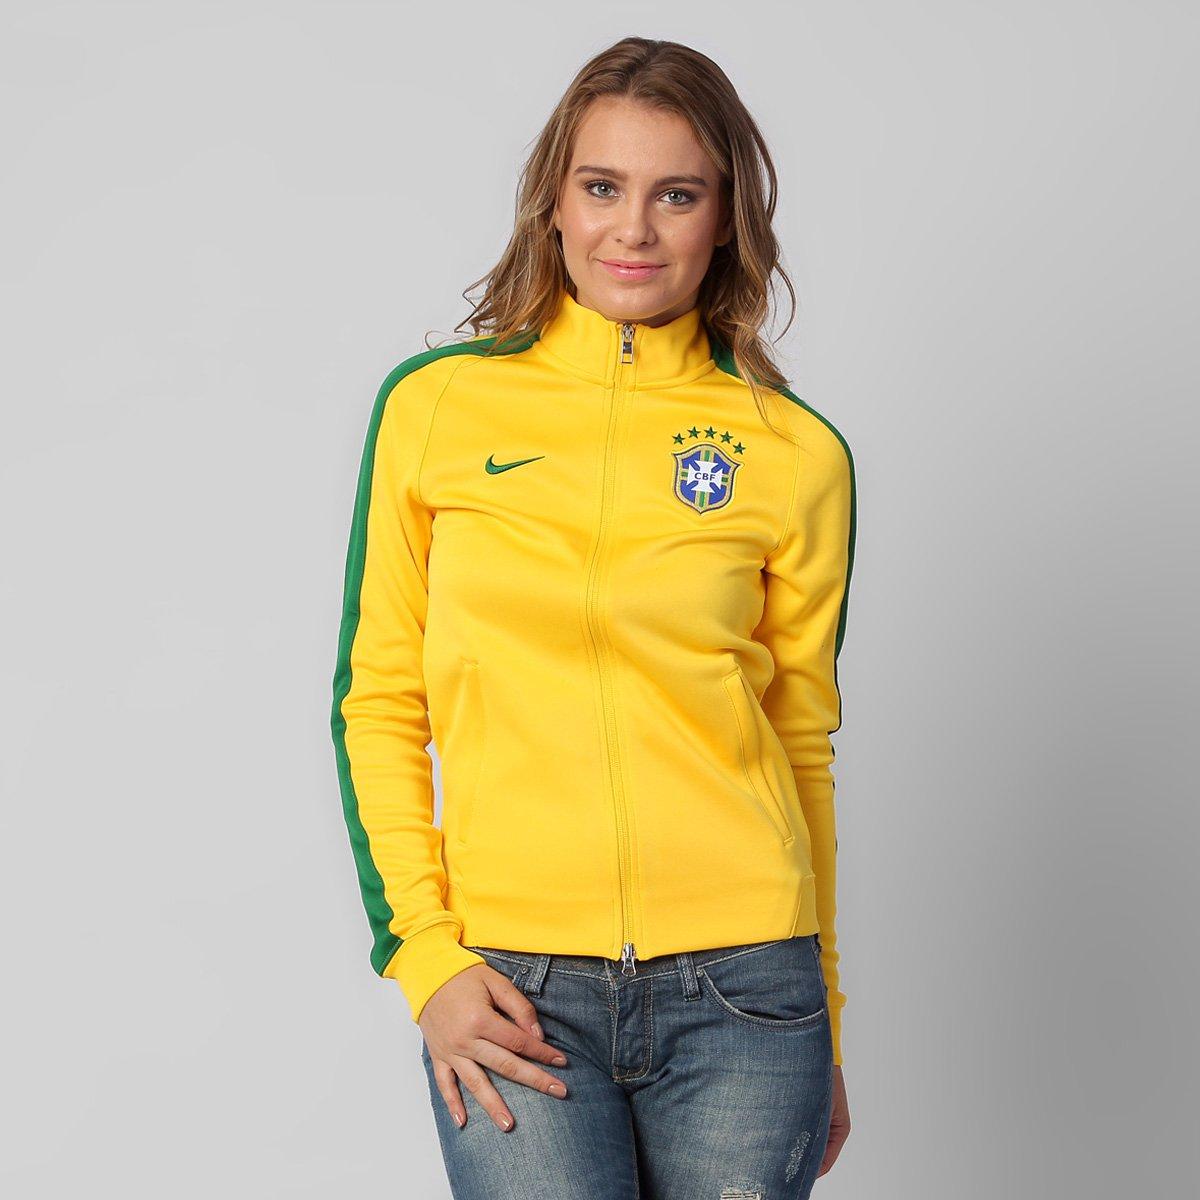 b9fed841ec Jaqueta Feminina Nike Seleção Brasil Intl Authentic Track - Compre ...